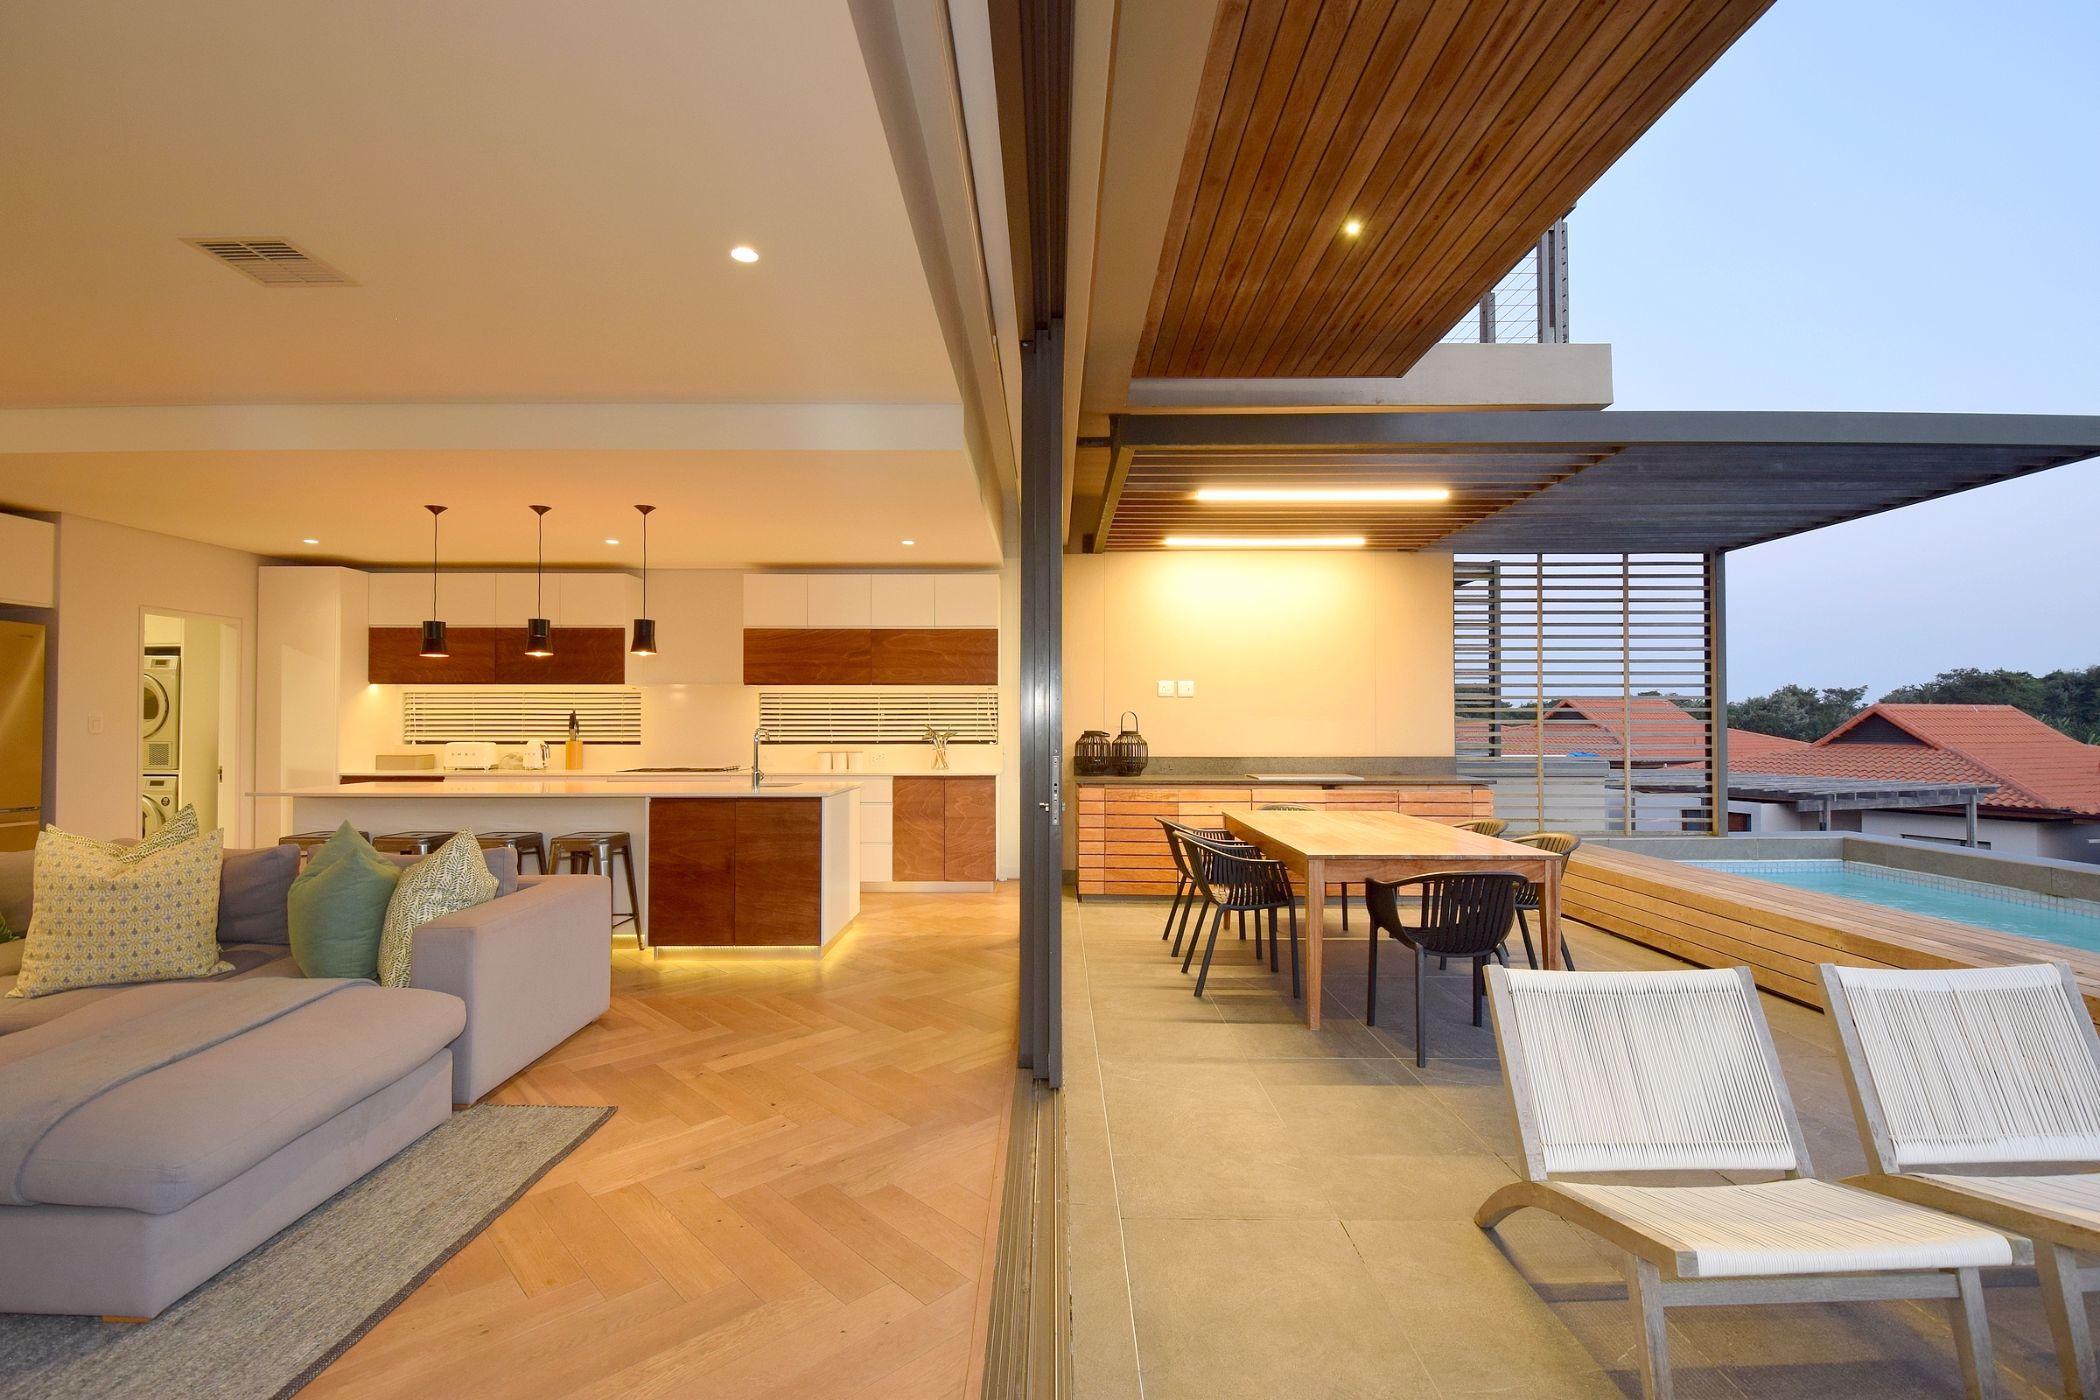 4 bedroom townhouse for sale in Zimbali Coastal Resort